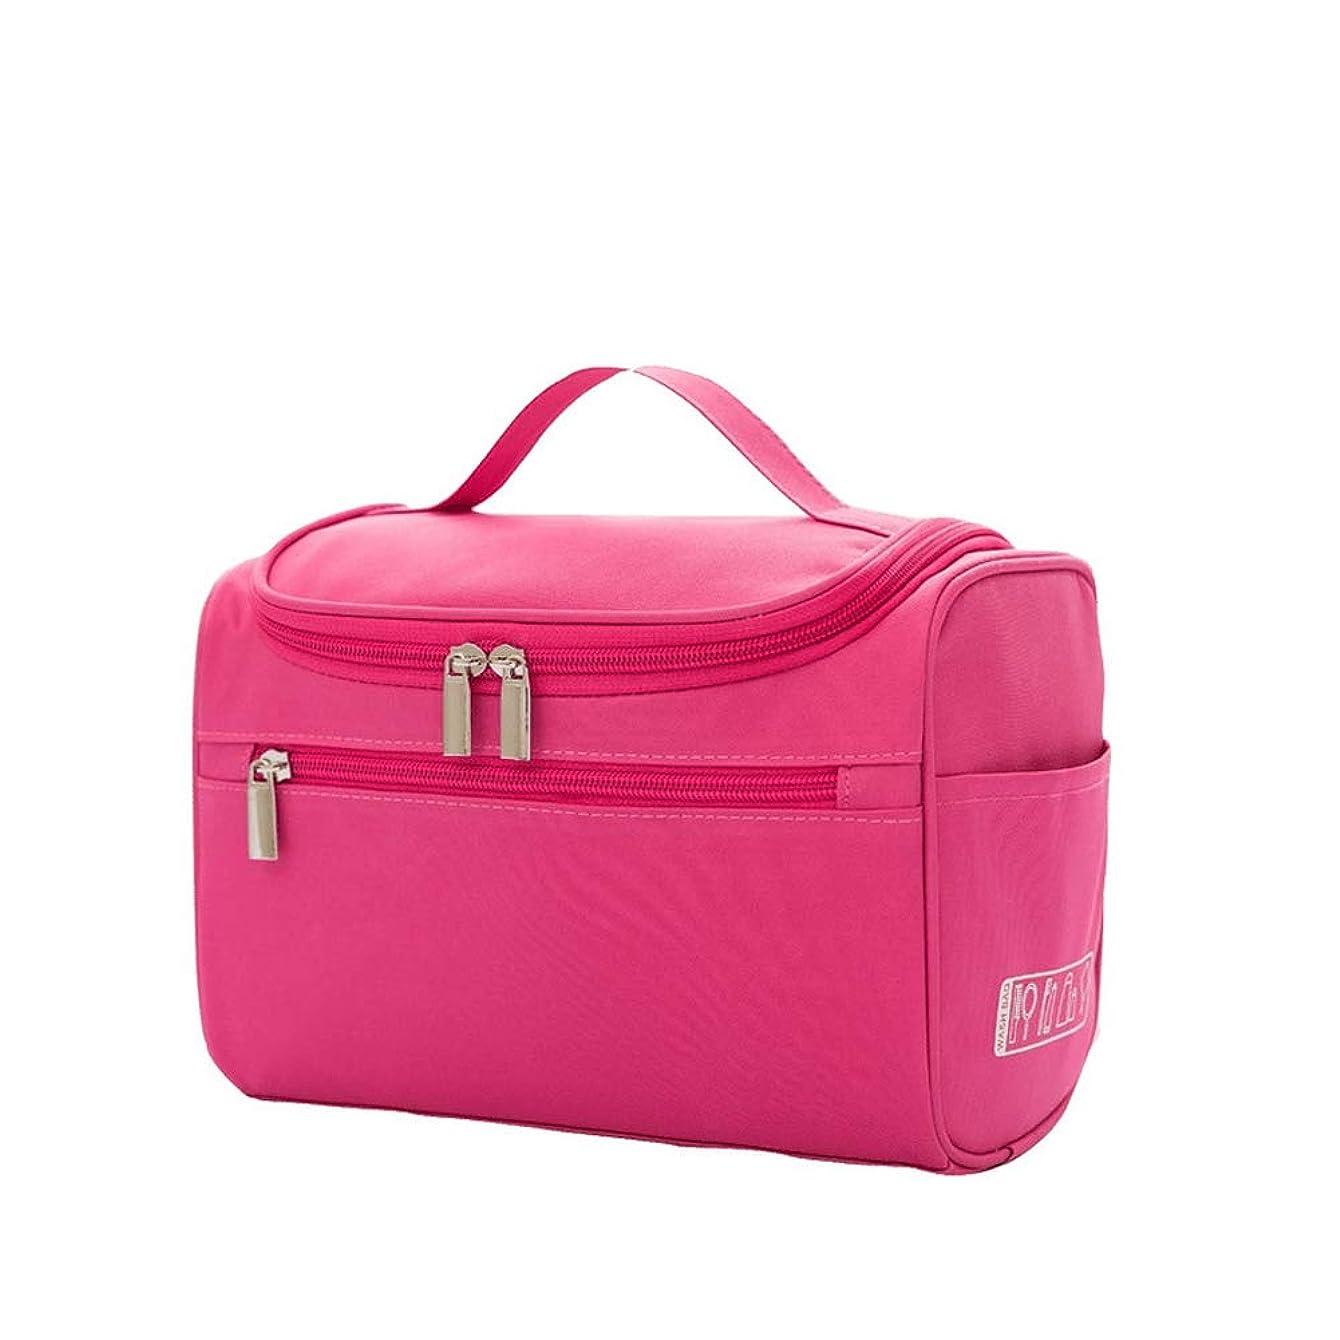 おじいちゃん壁極めてトラベルウォッシュバッグをぶら下げポータブル旅行化粧品袋主催防水メイクアップ化粧品袋をぶら下げ女性の赤いバラ